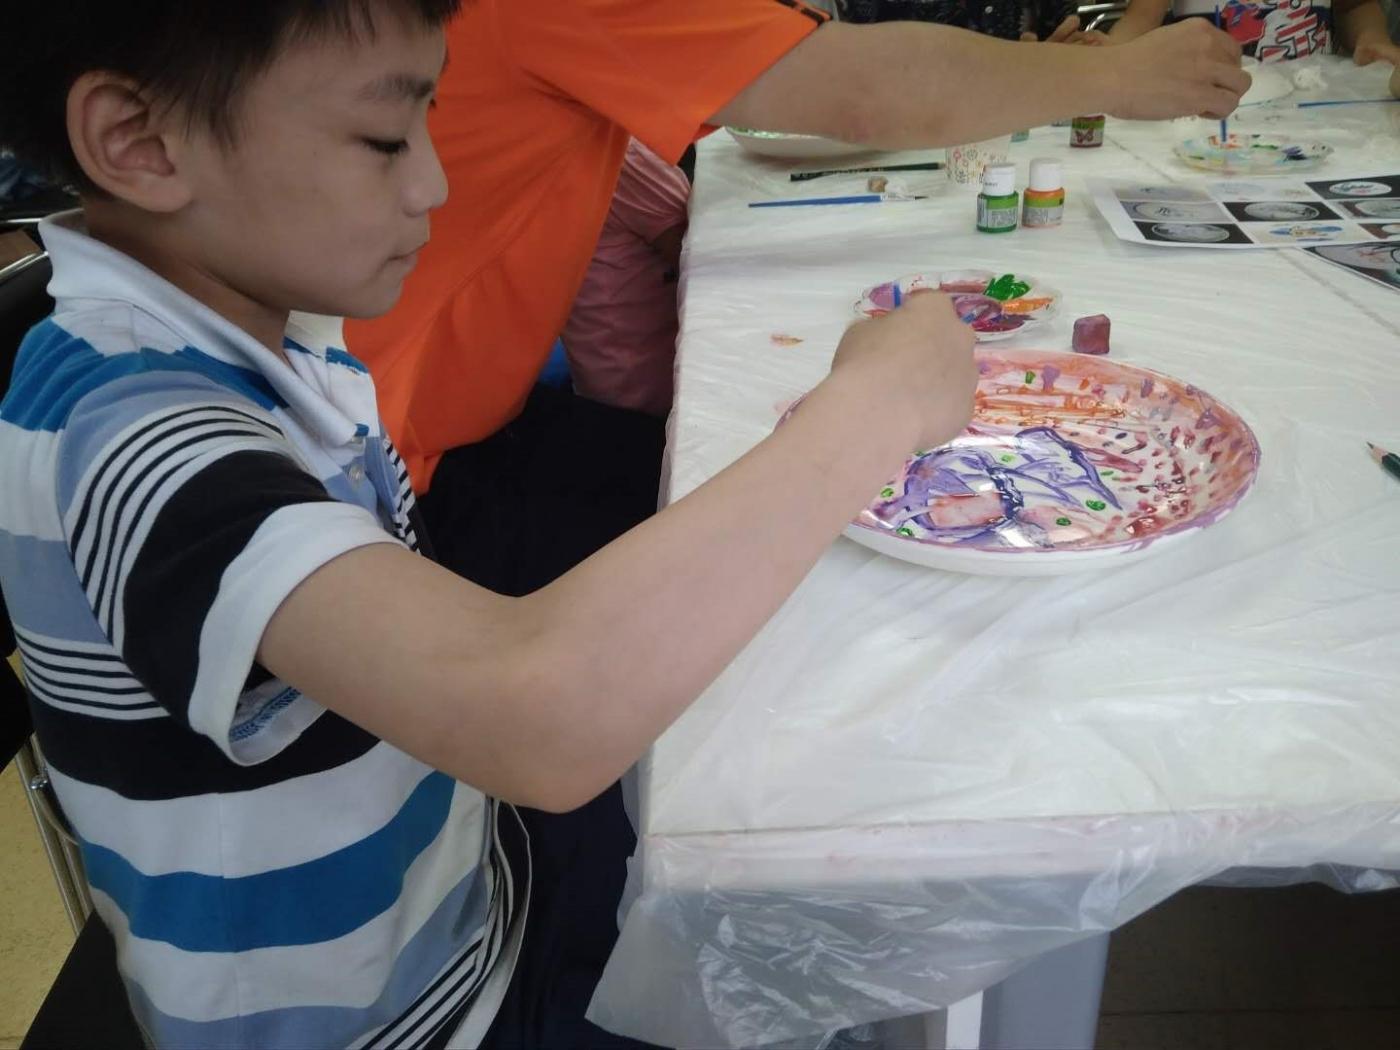 瓷盘彩色绘画_图1-31